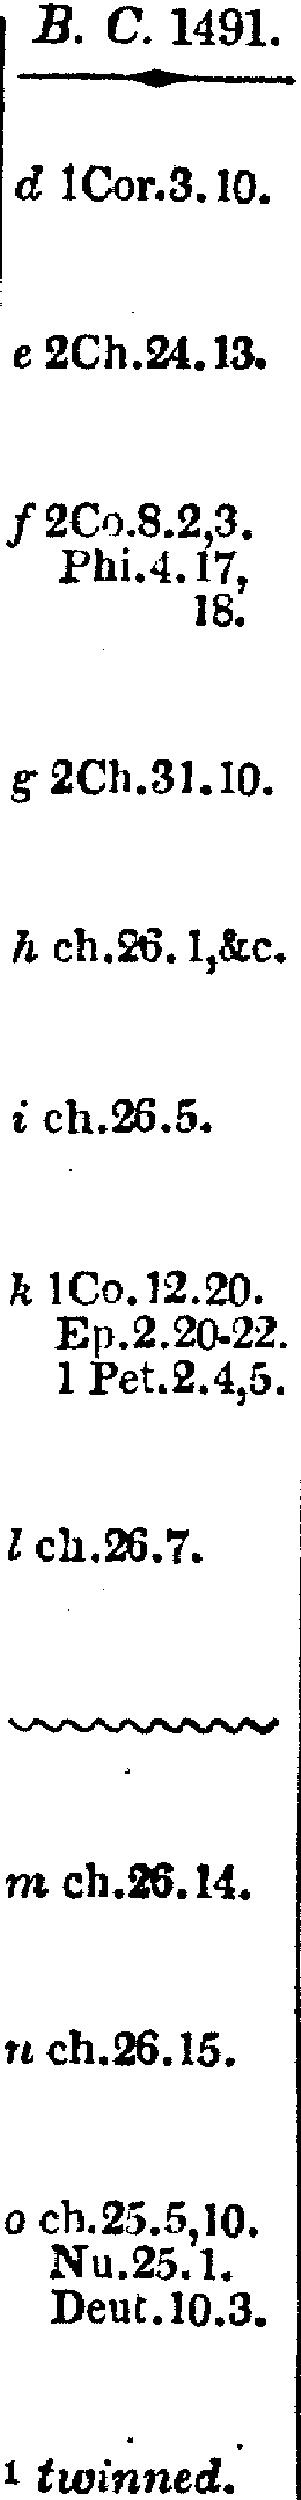 [merged small][ocr errors][ocr errors][ocr errors][merged small][ocr errors][merged small][merged small][merged small]